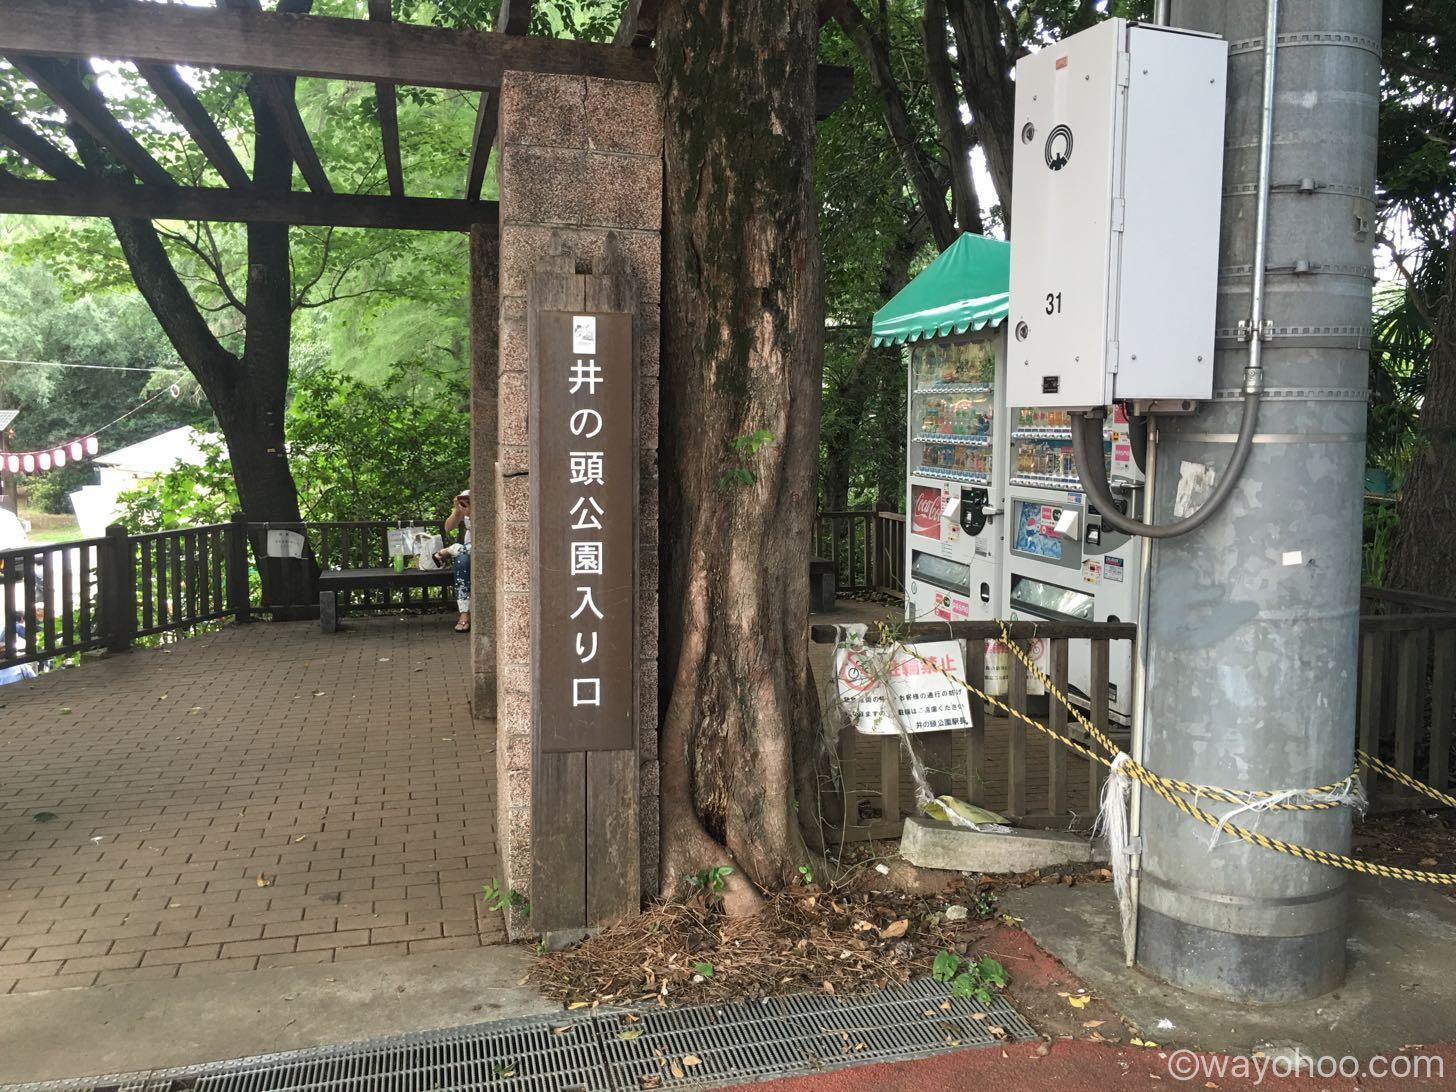 エビワラーが大量発生すると有名な井の頭公園